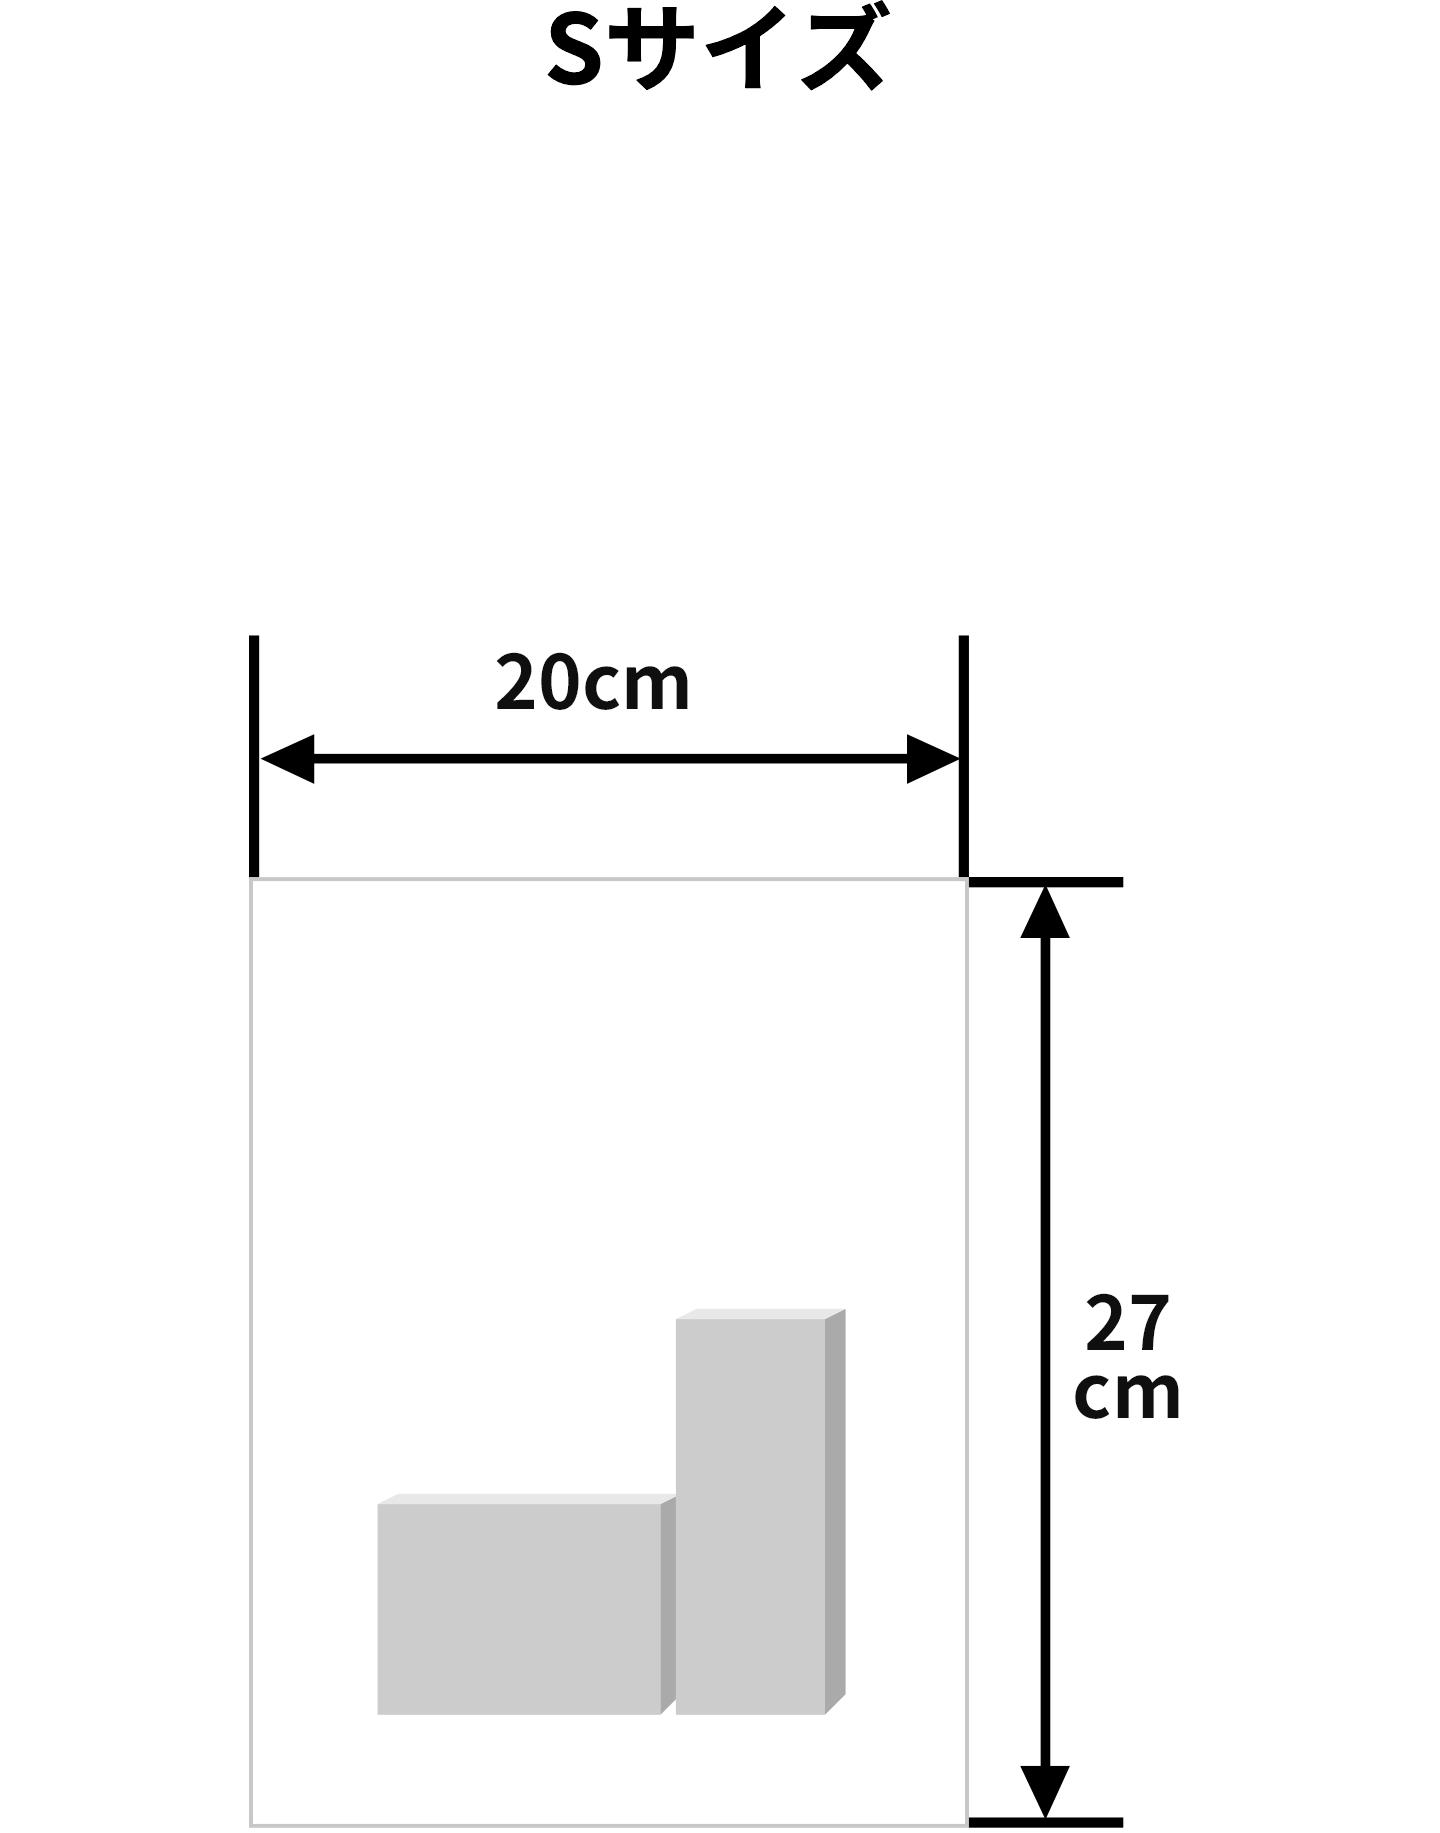 Sサイズ(横幅20cm、高さ27cm)のラッピング例(※イメージです)